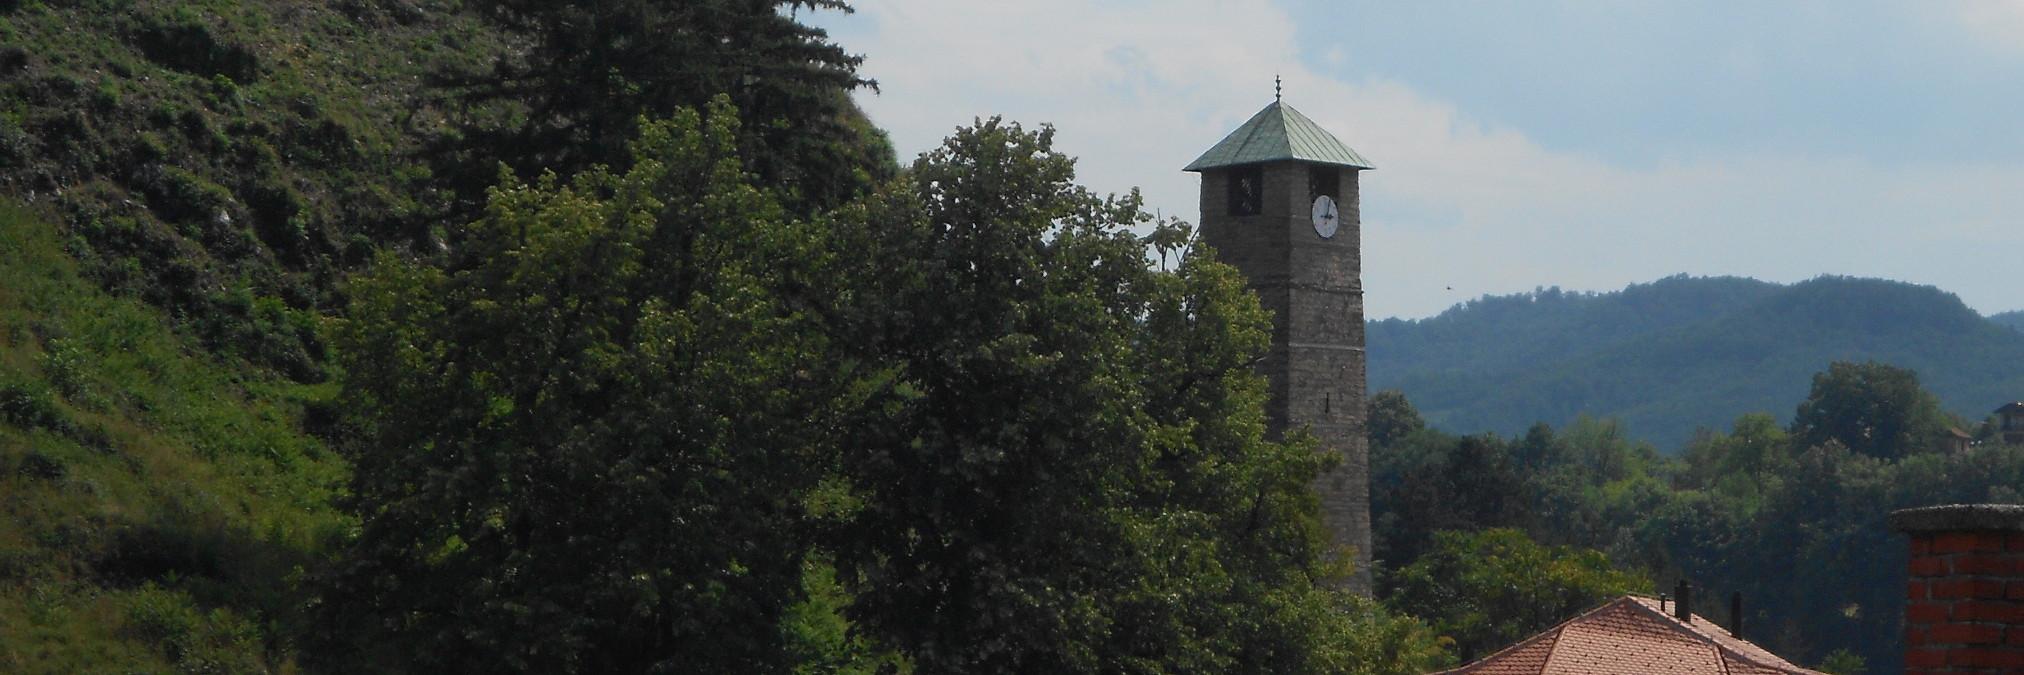 Часовая башня в Тешане